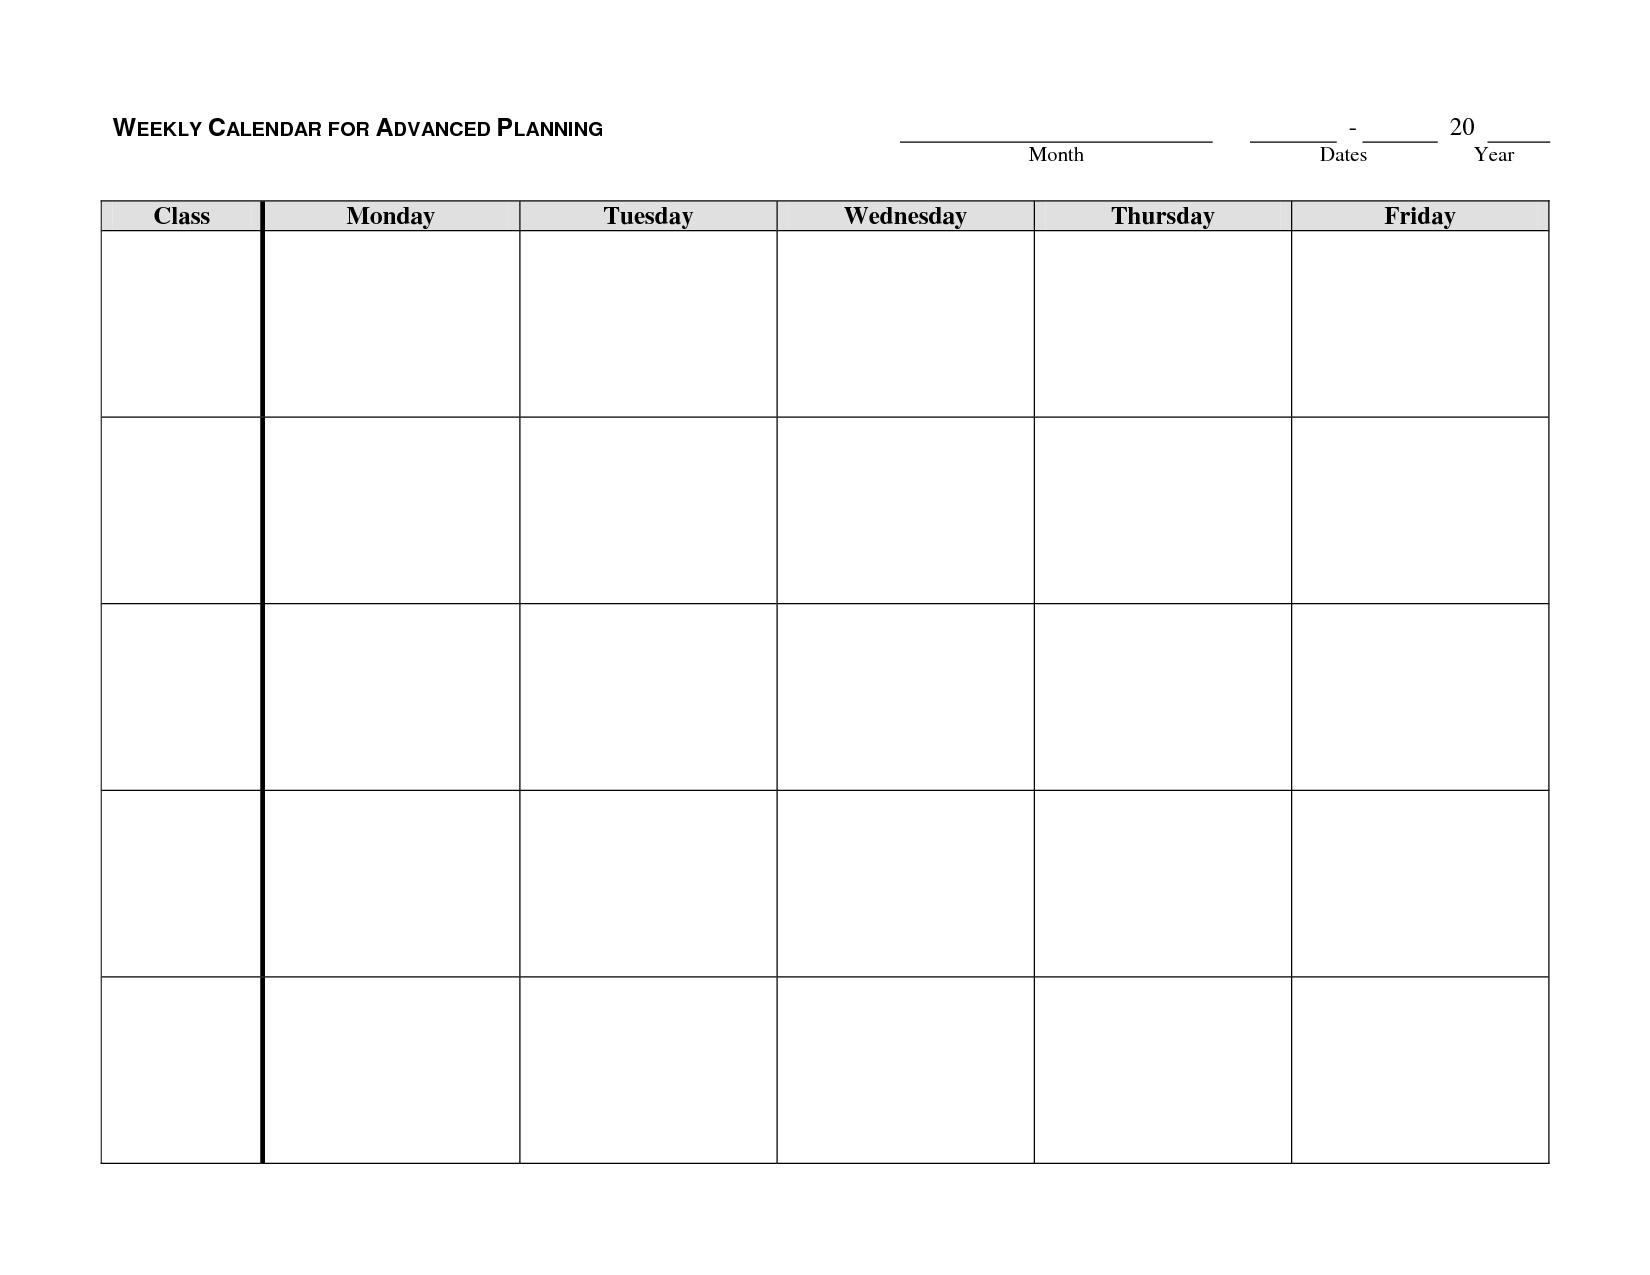 Blank Weekly Calendar Y Through Friday Schedule Template | Smorad with Blank Weekly Calendar Monday To Friday